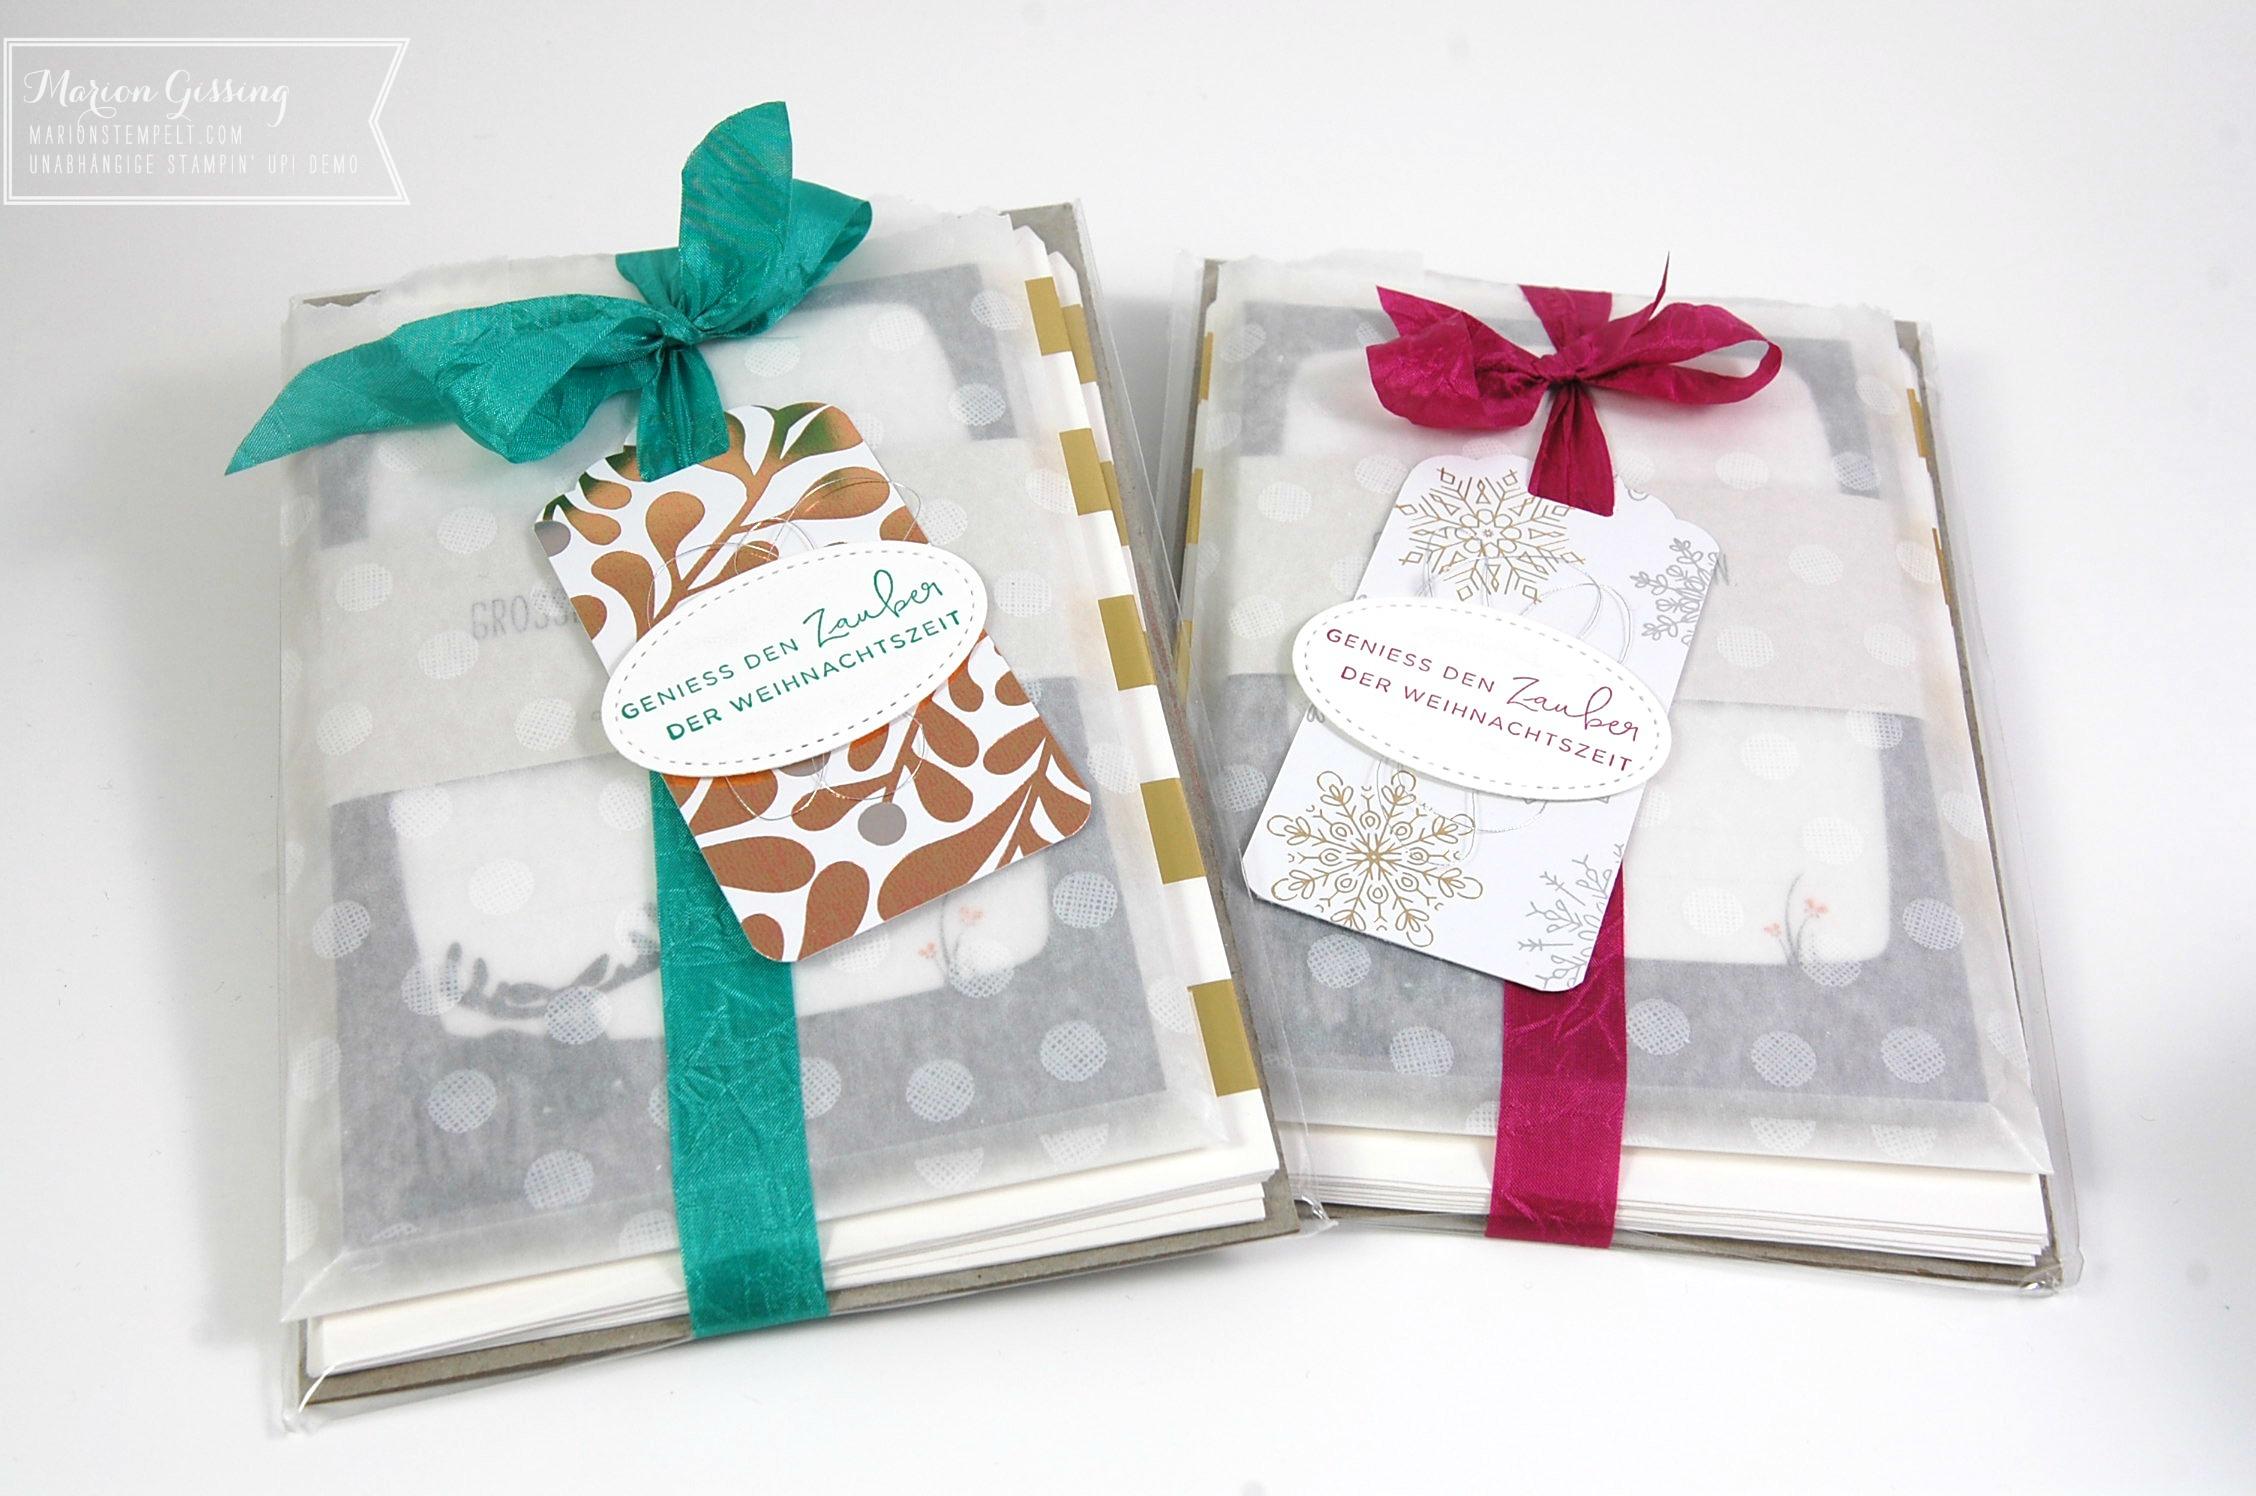 Die Weihnachtsgeschenke.Die Weihnachtsgeschenke 2017 Für Mein Stampin Up Team Stampin